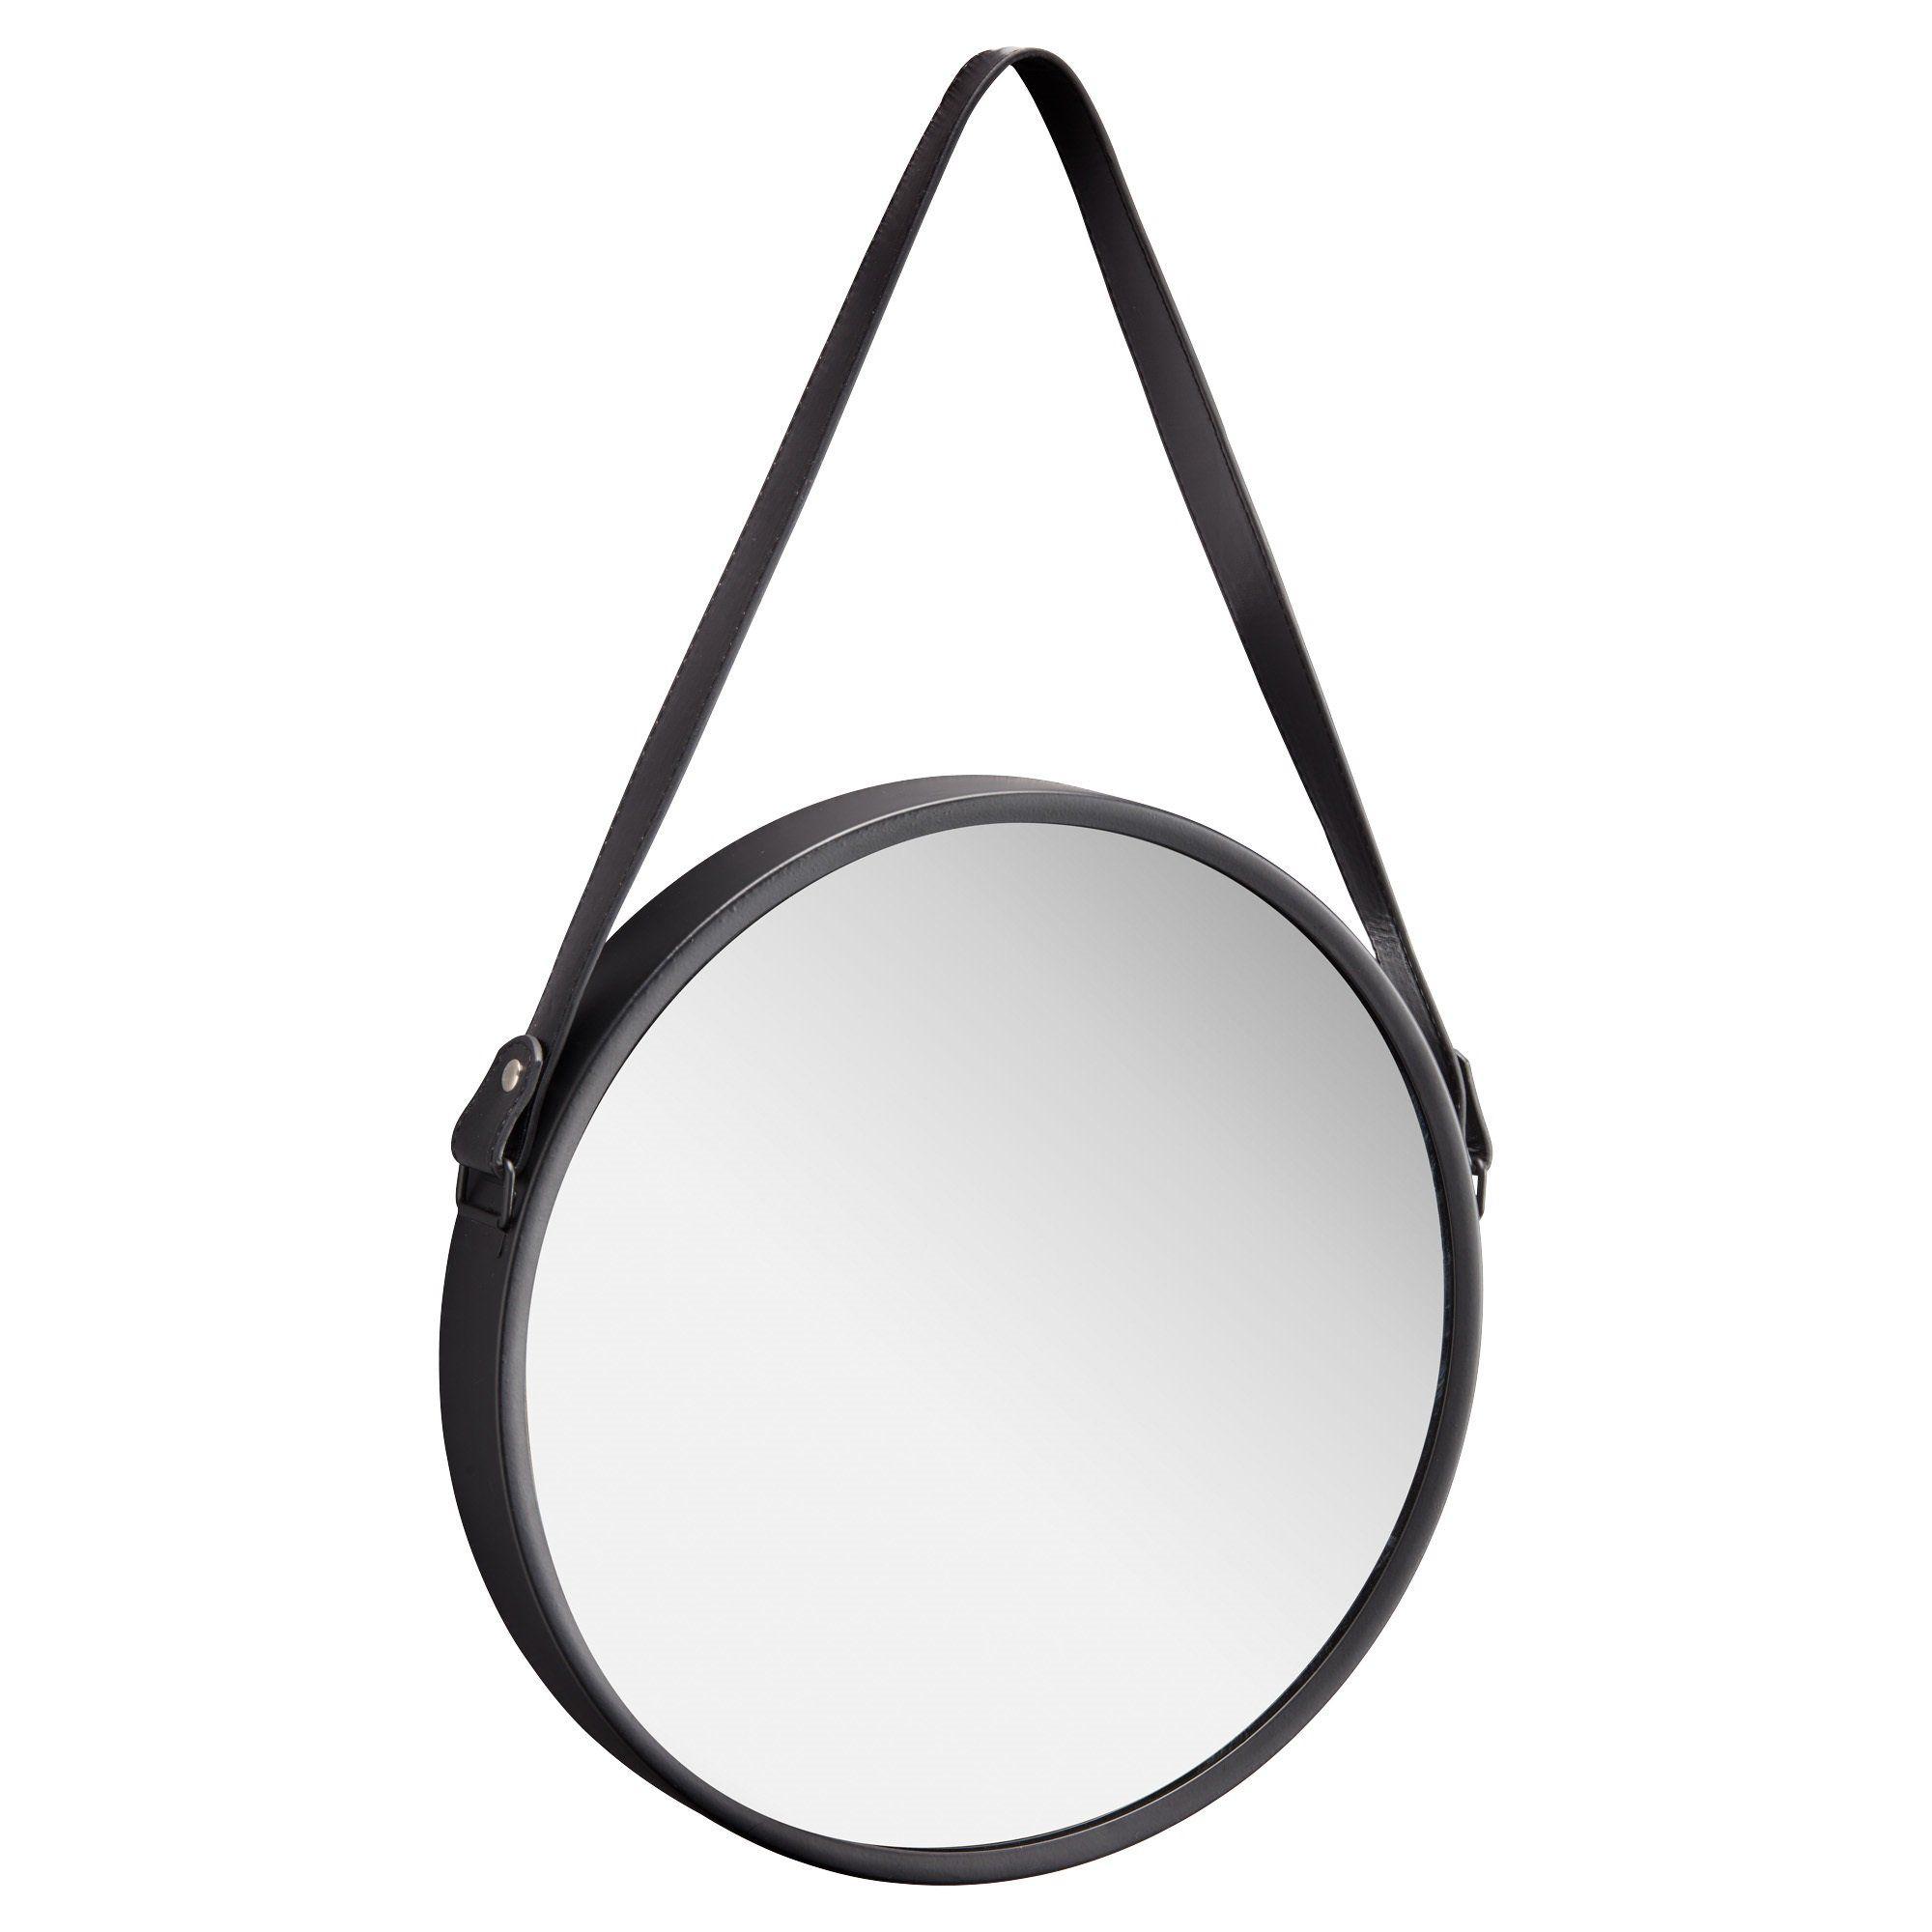 Wohnzimmer spiegelmöbel spiegel terlan kopen bestel online of kom naar één van onze winkels